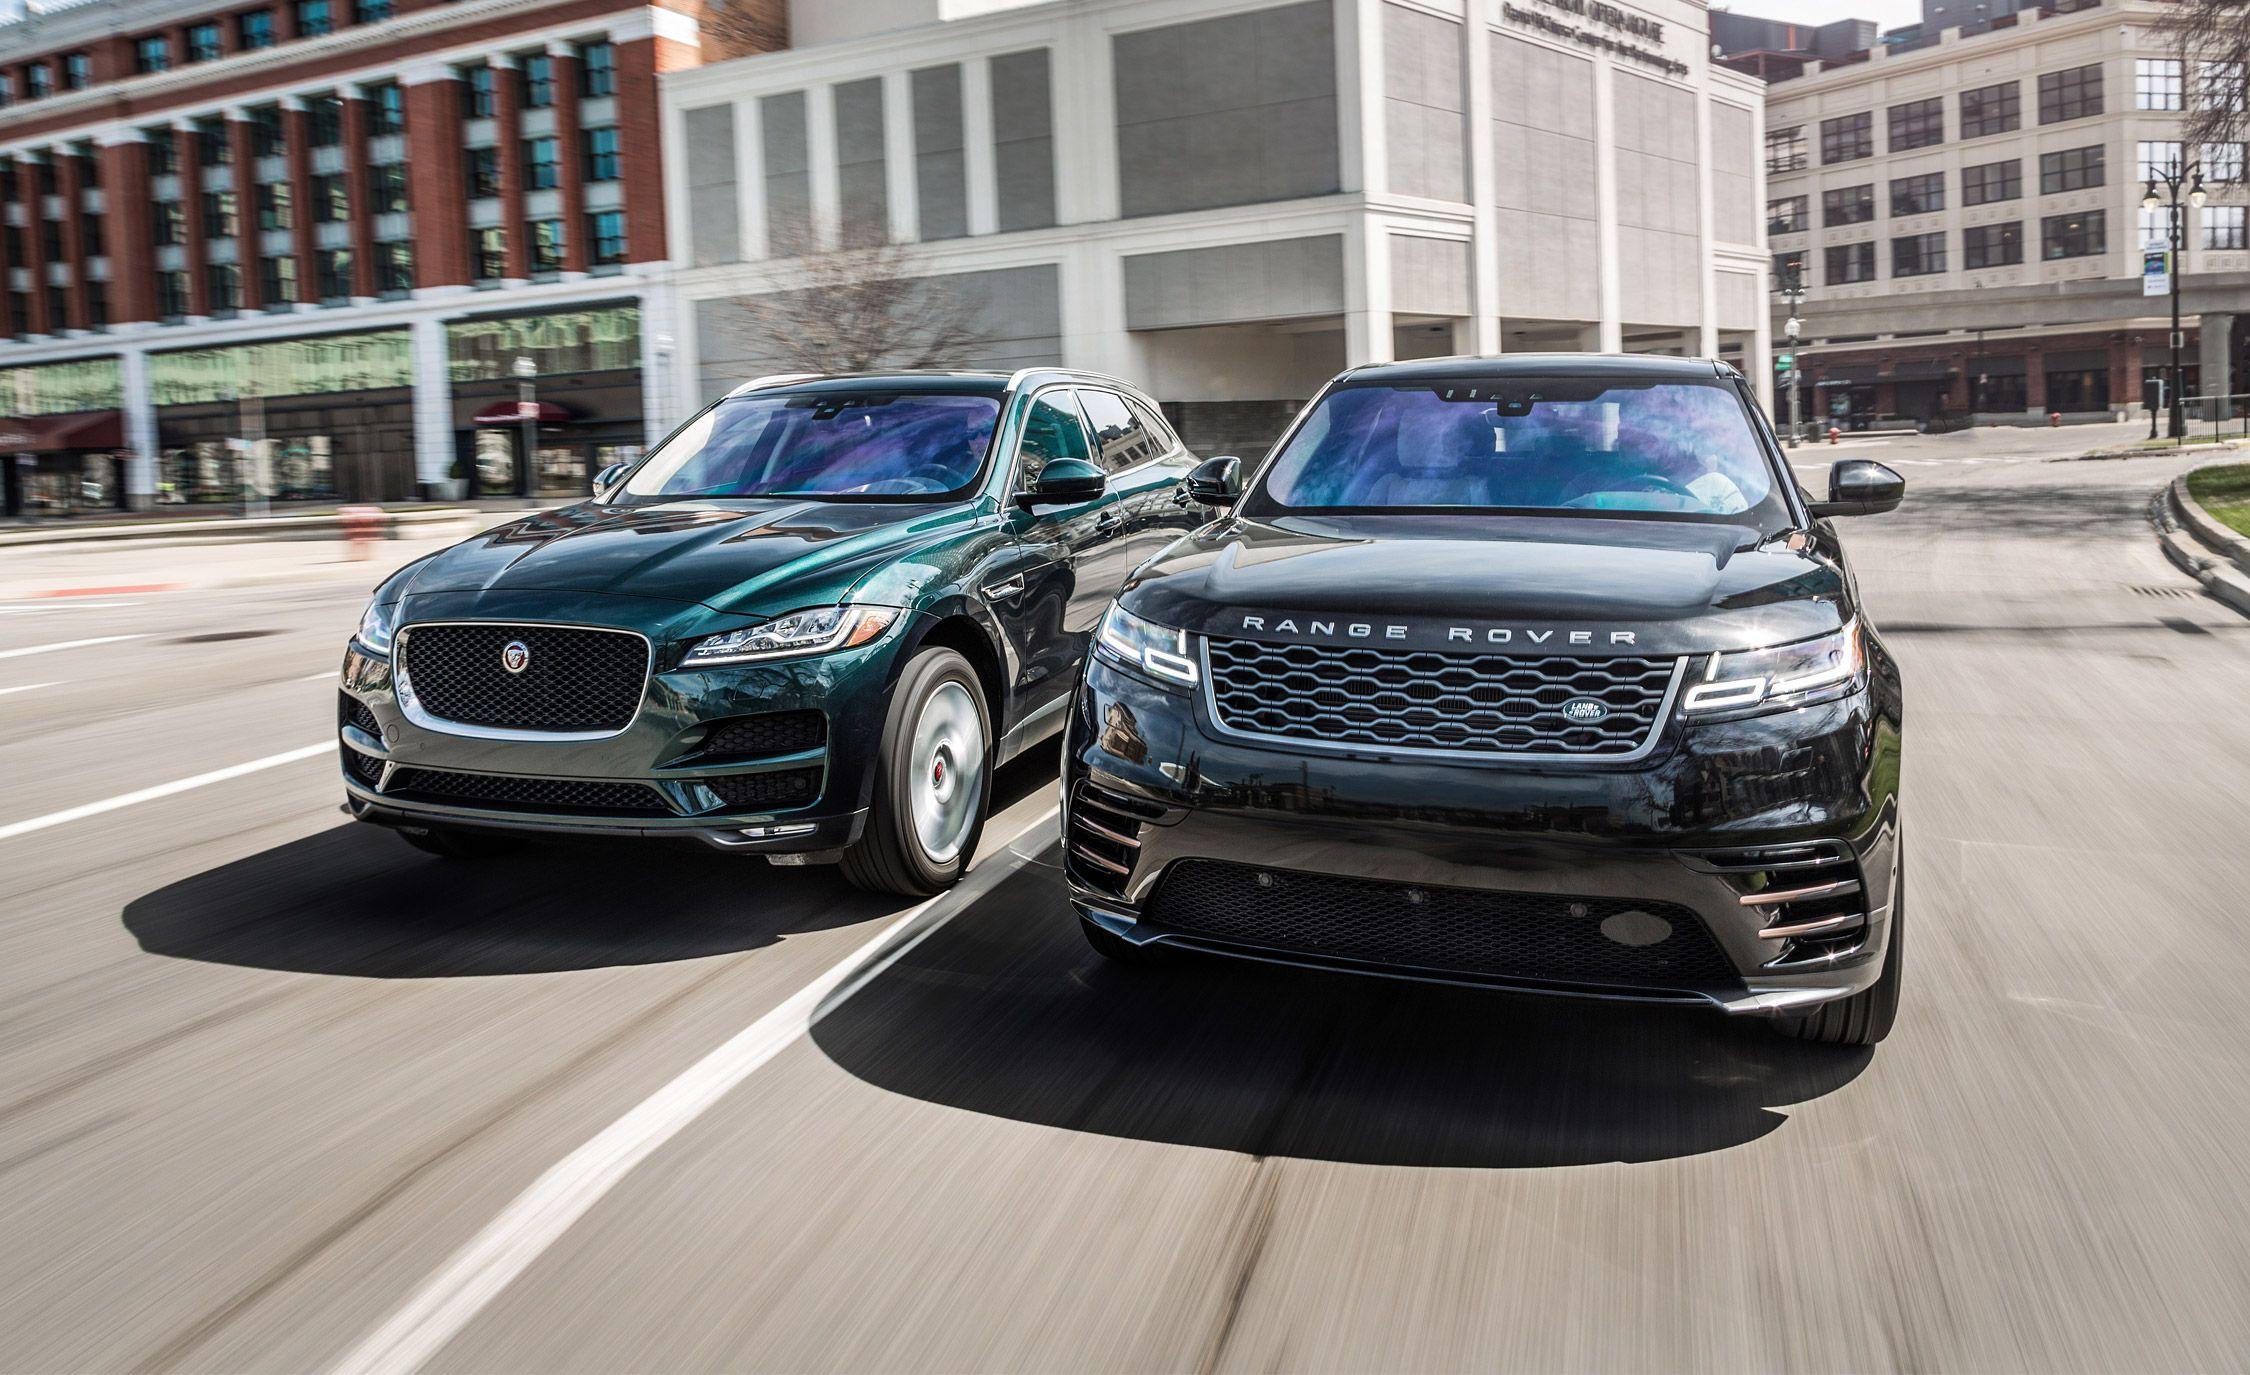 Jaguar F Pace Vs Range Rover Velar Comparison Test Car And Driver